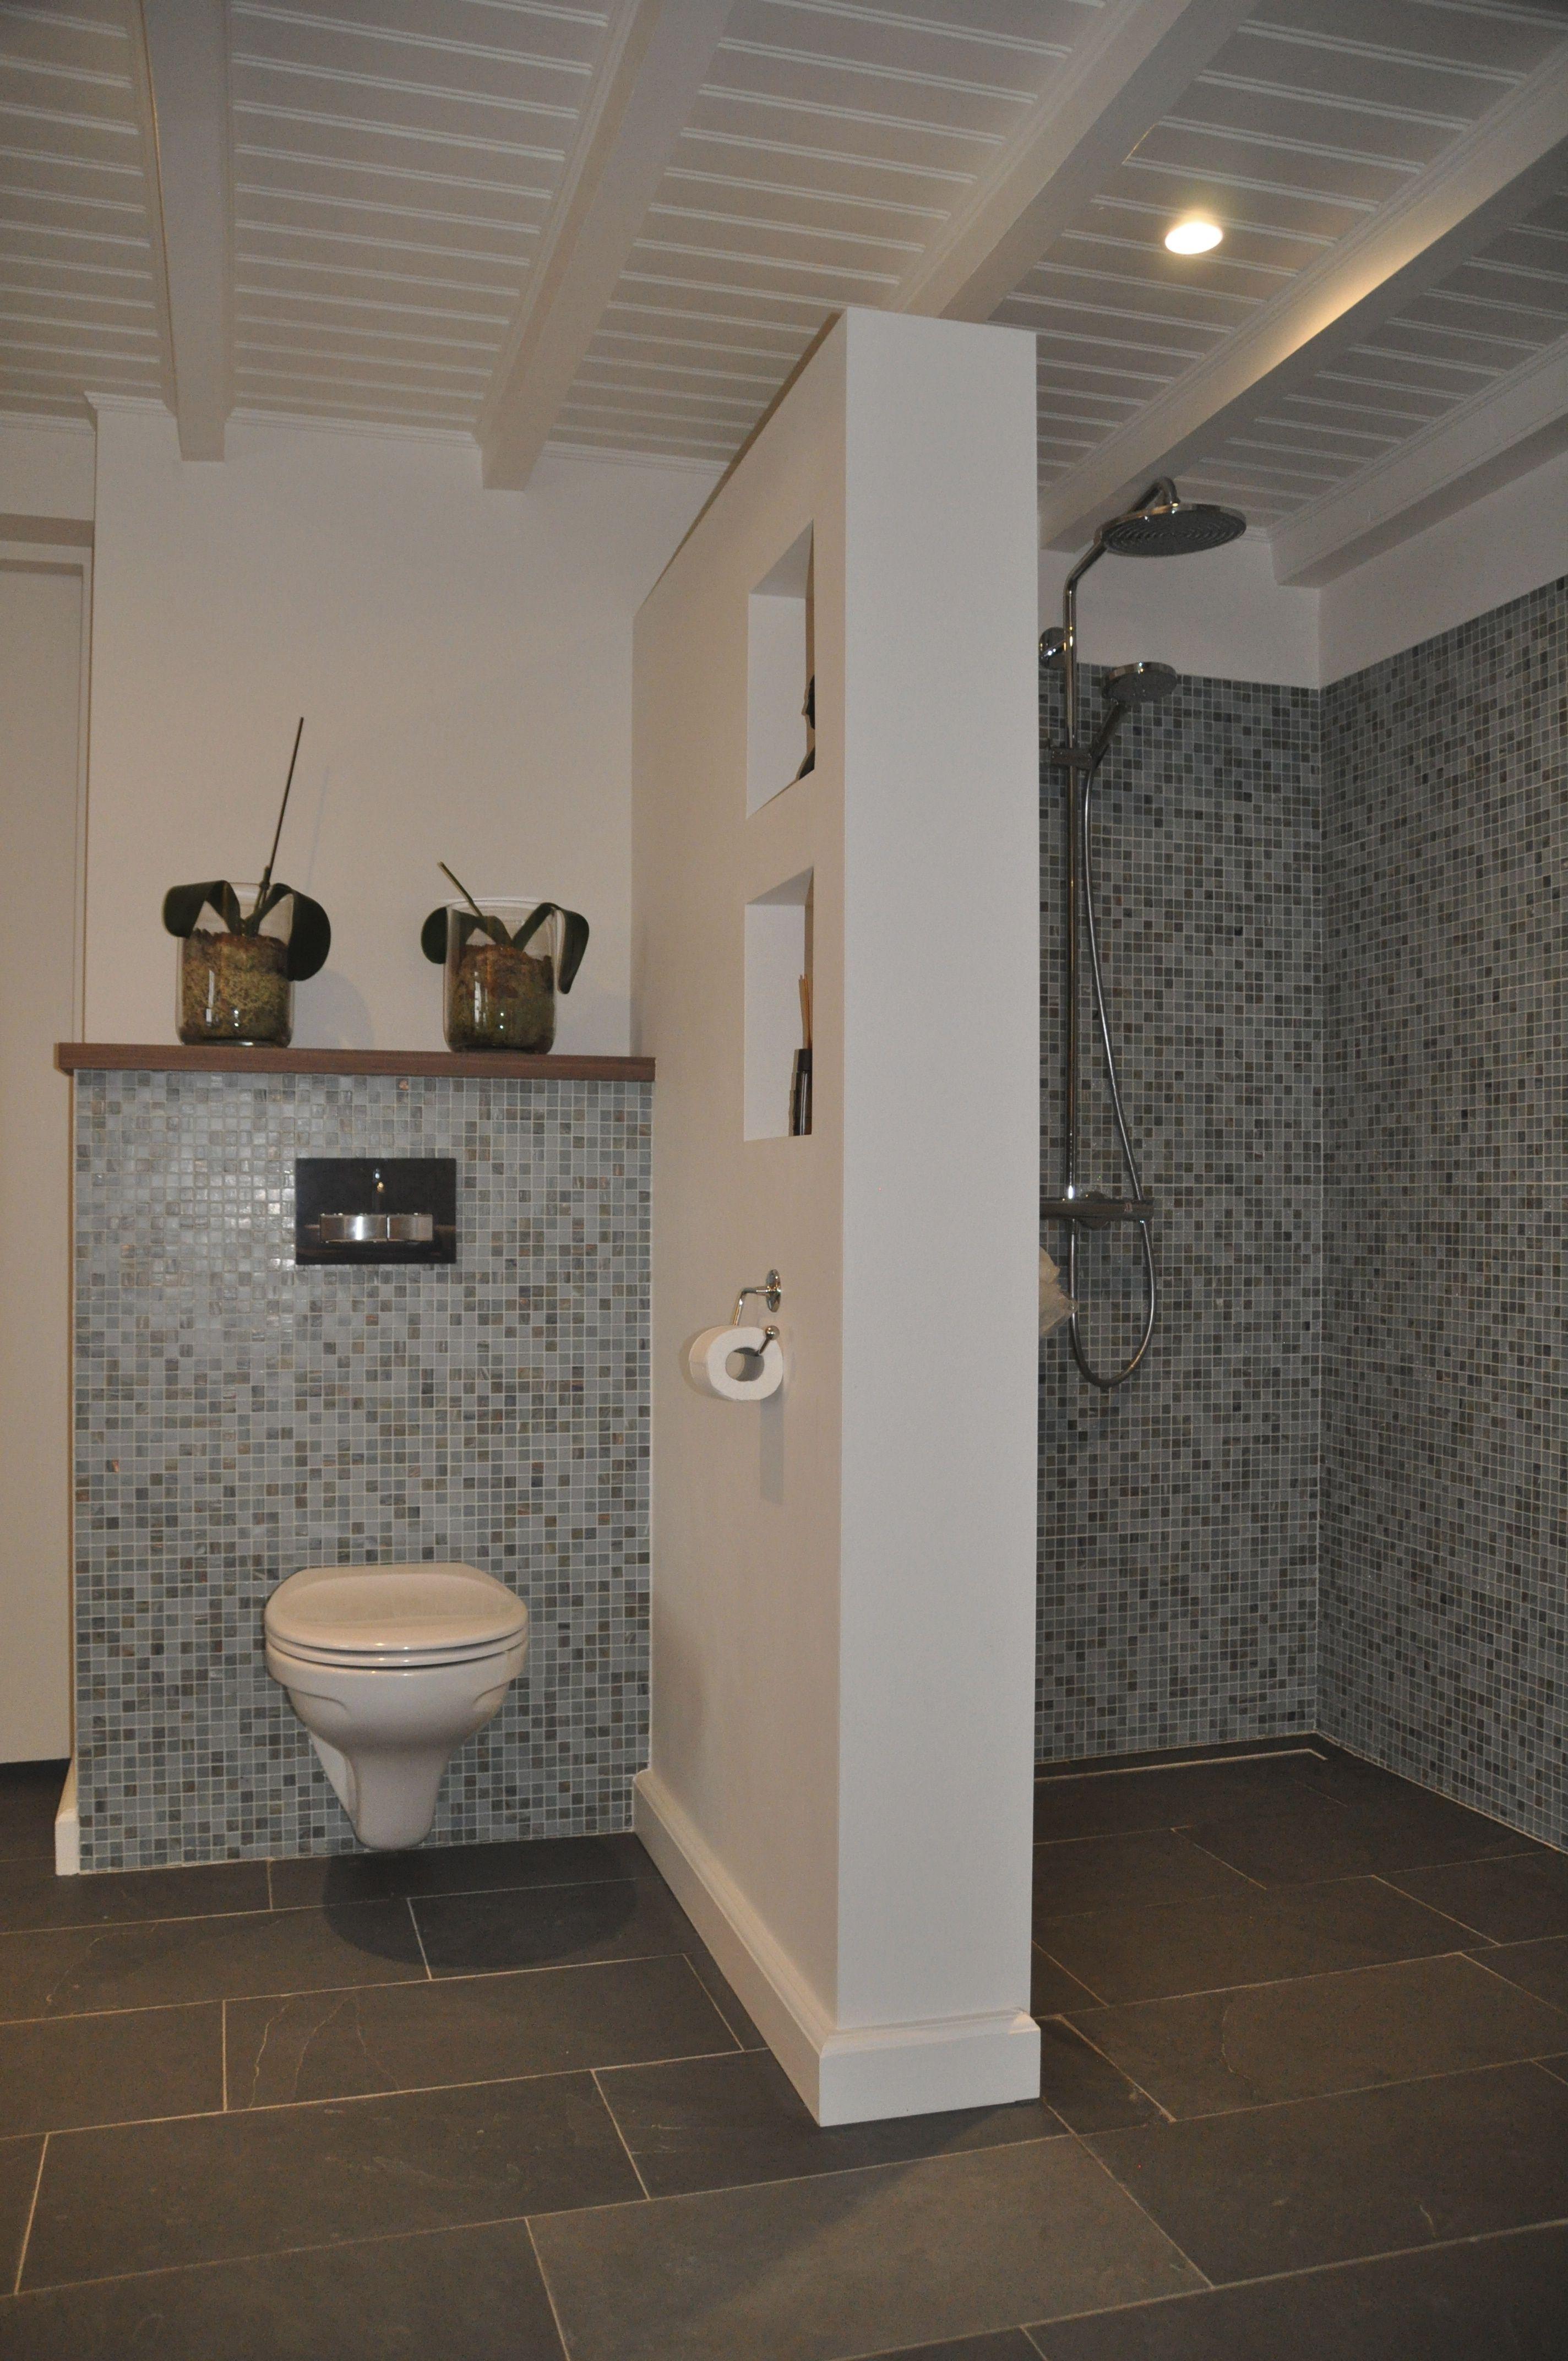 praktisch afscheidingswandje tussen douche en toilet met vakken